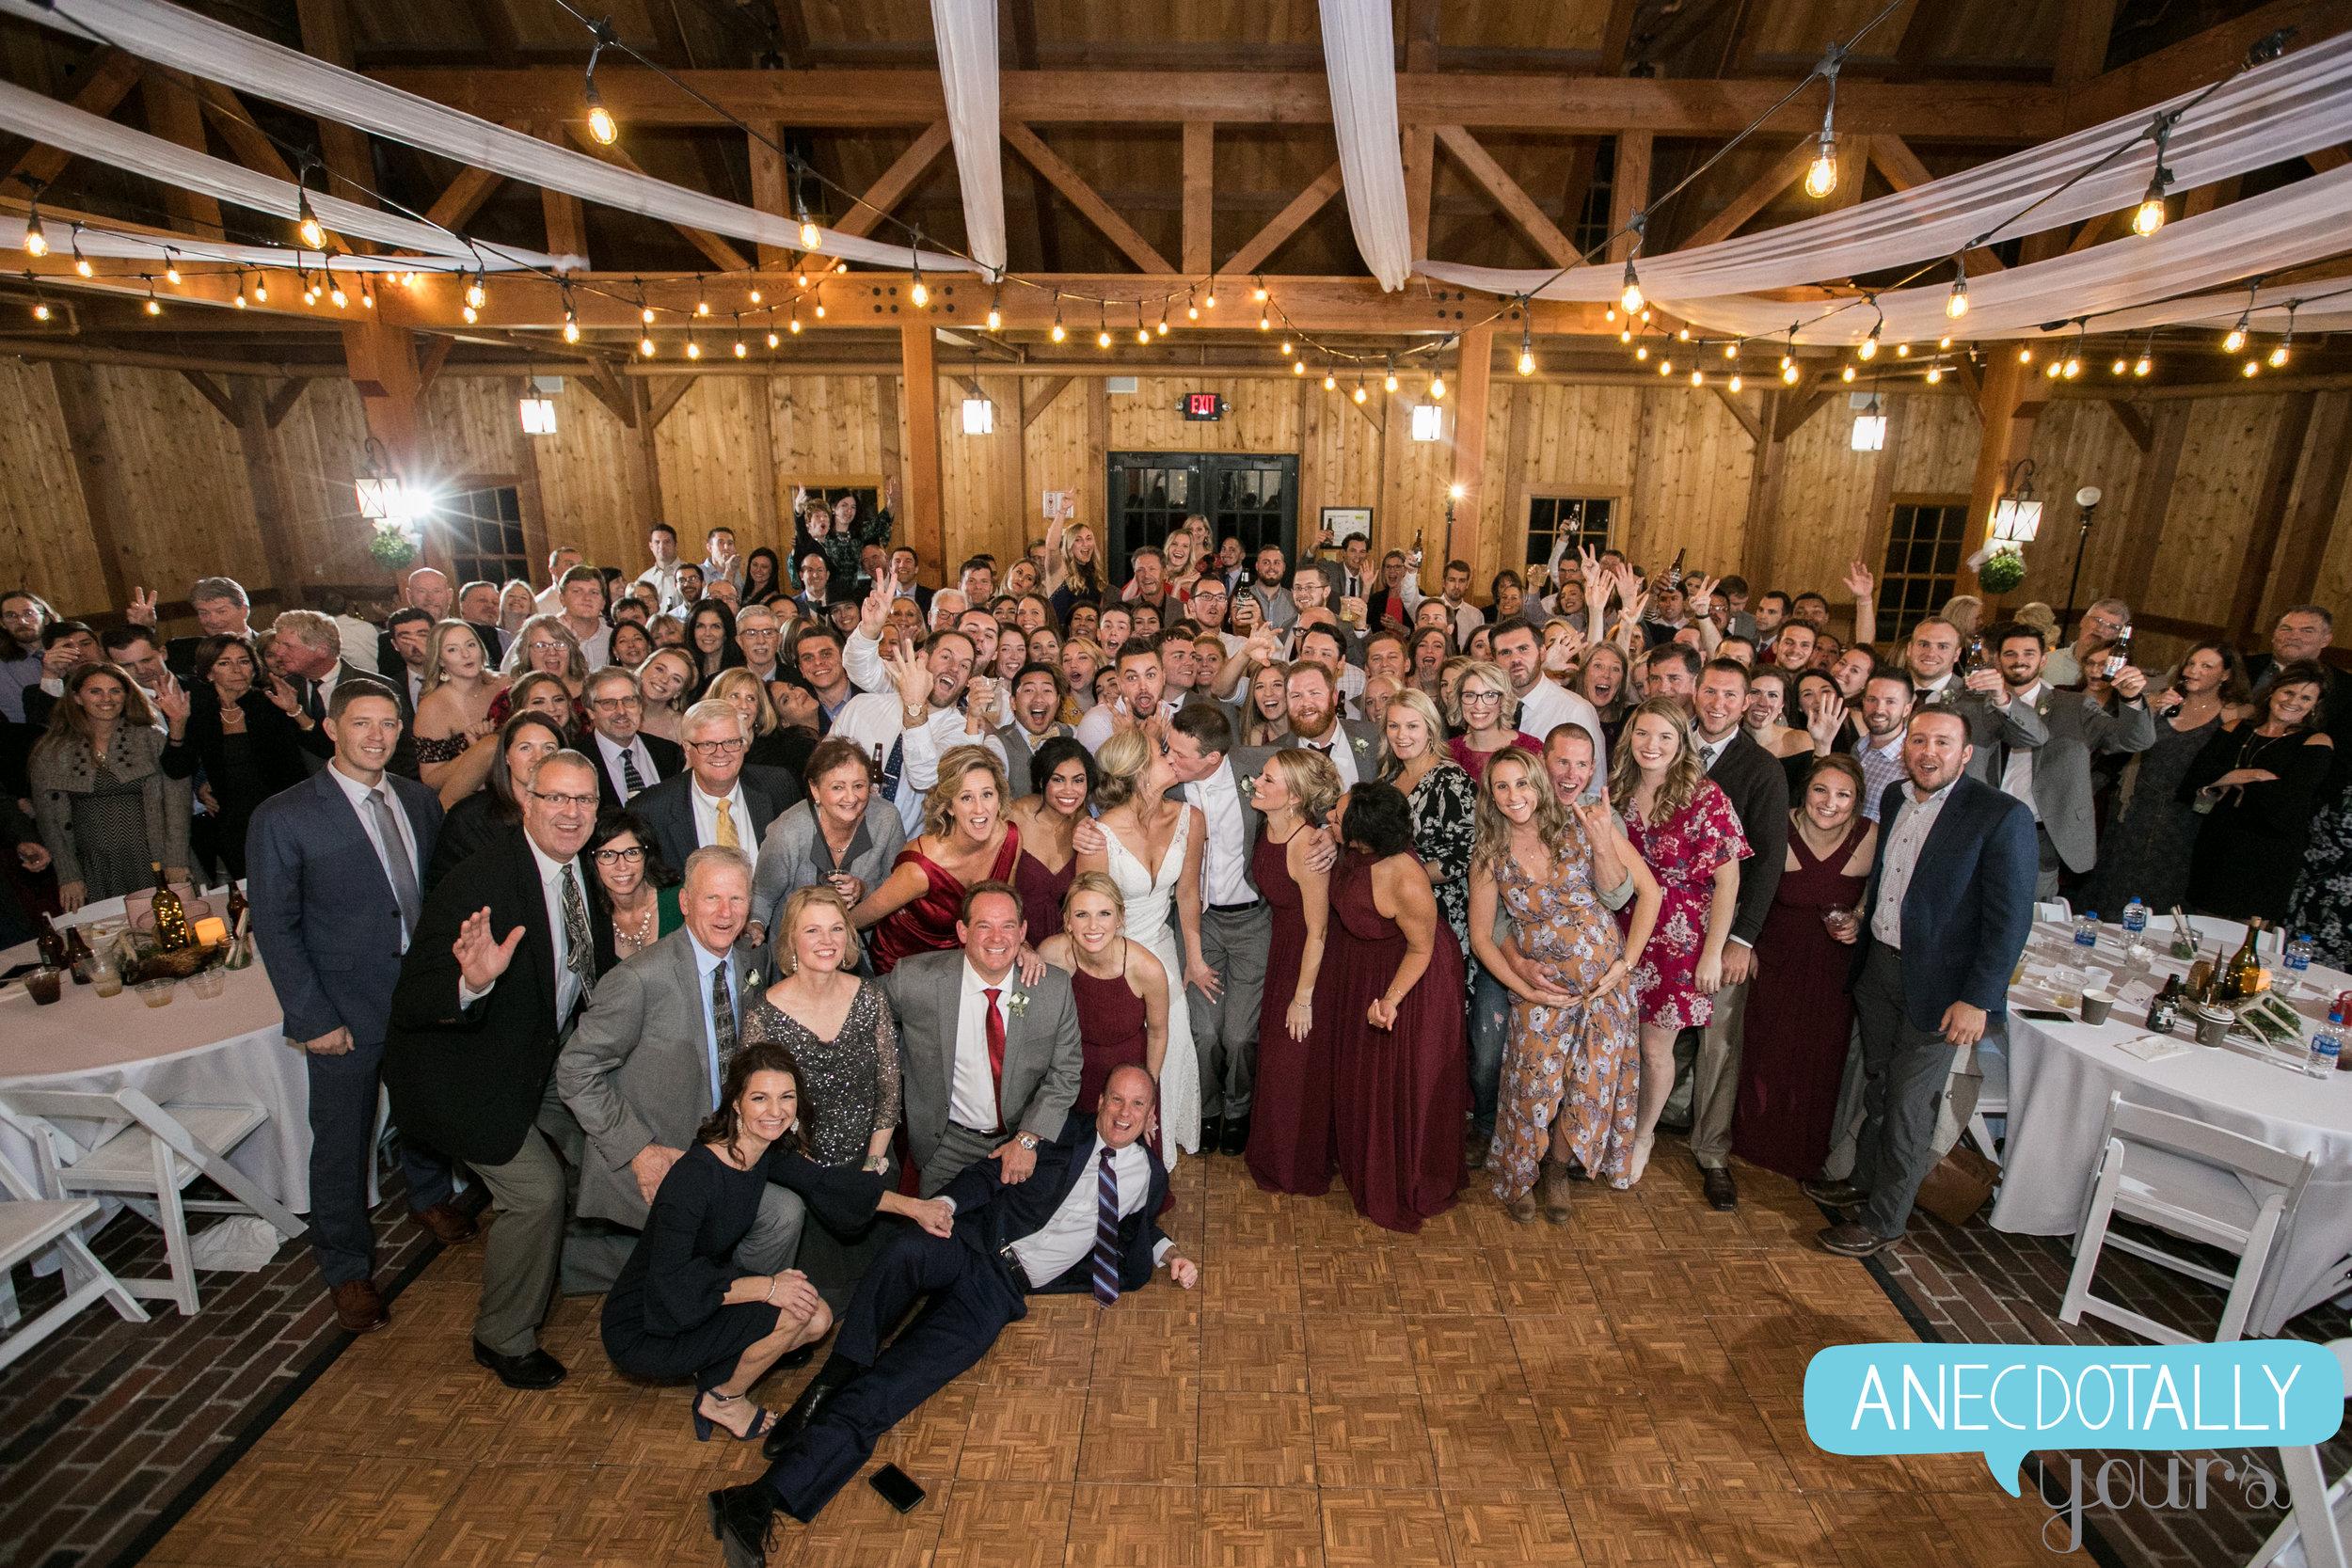 mildale-farm-wedding-167.jpg